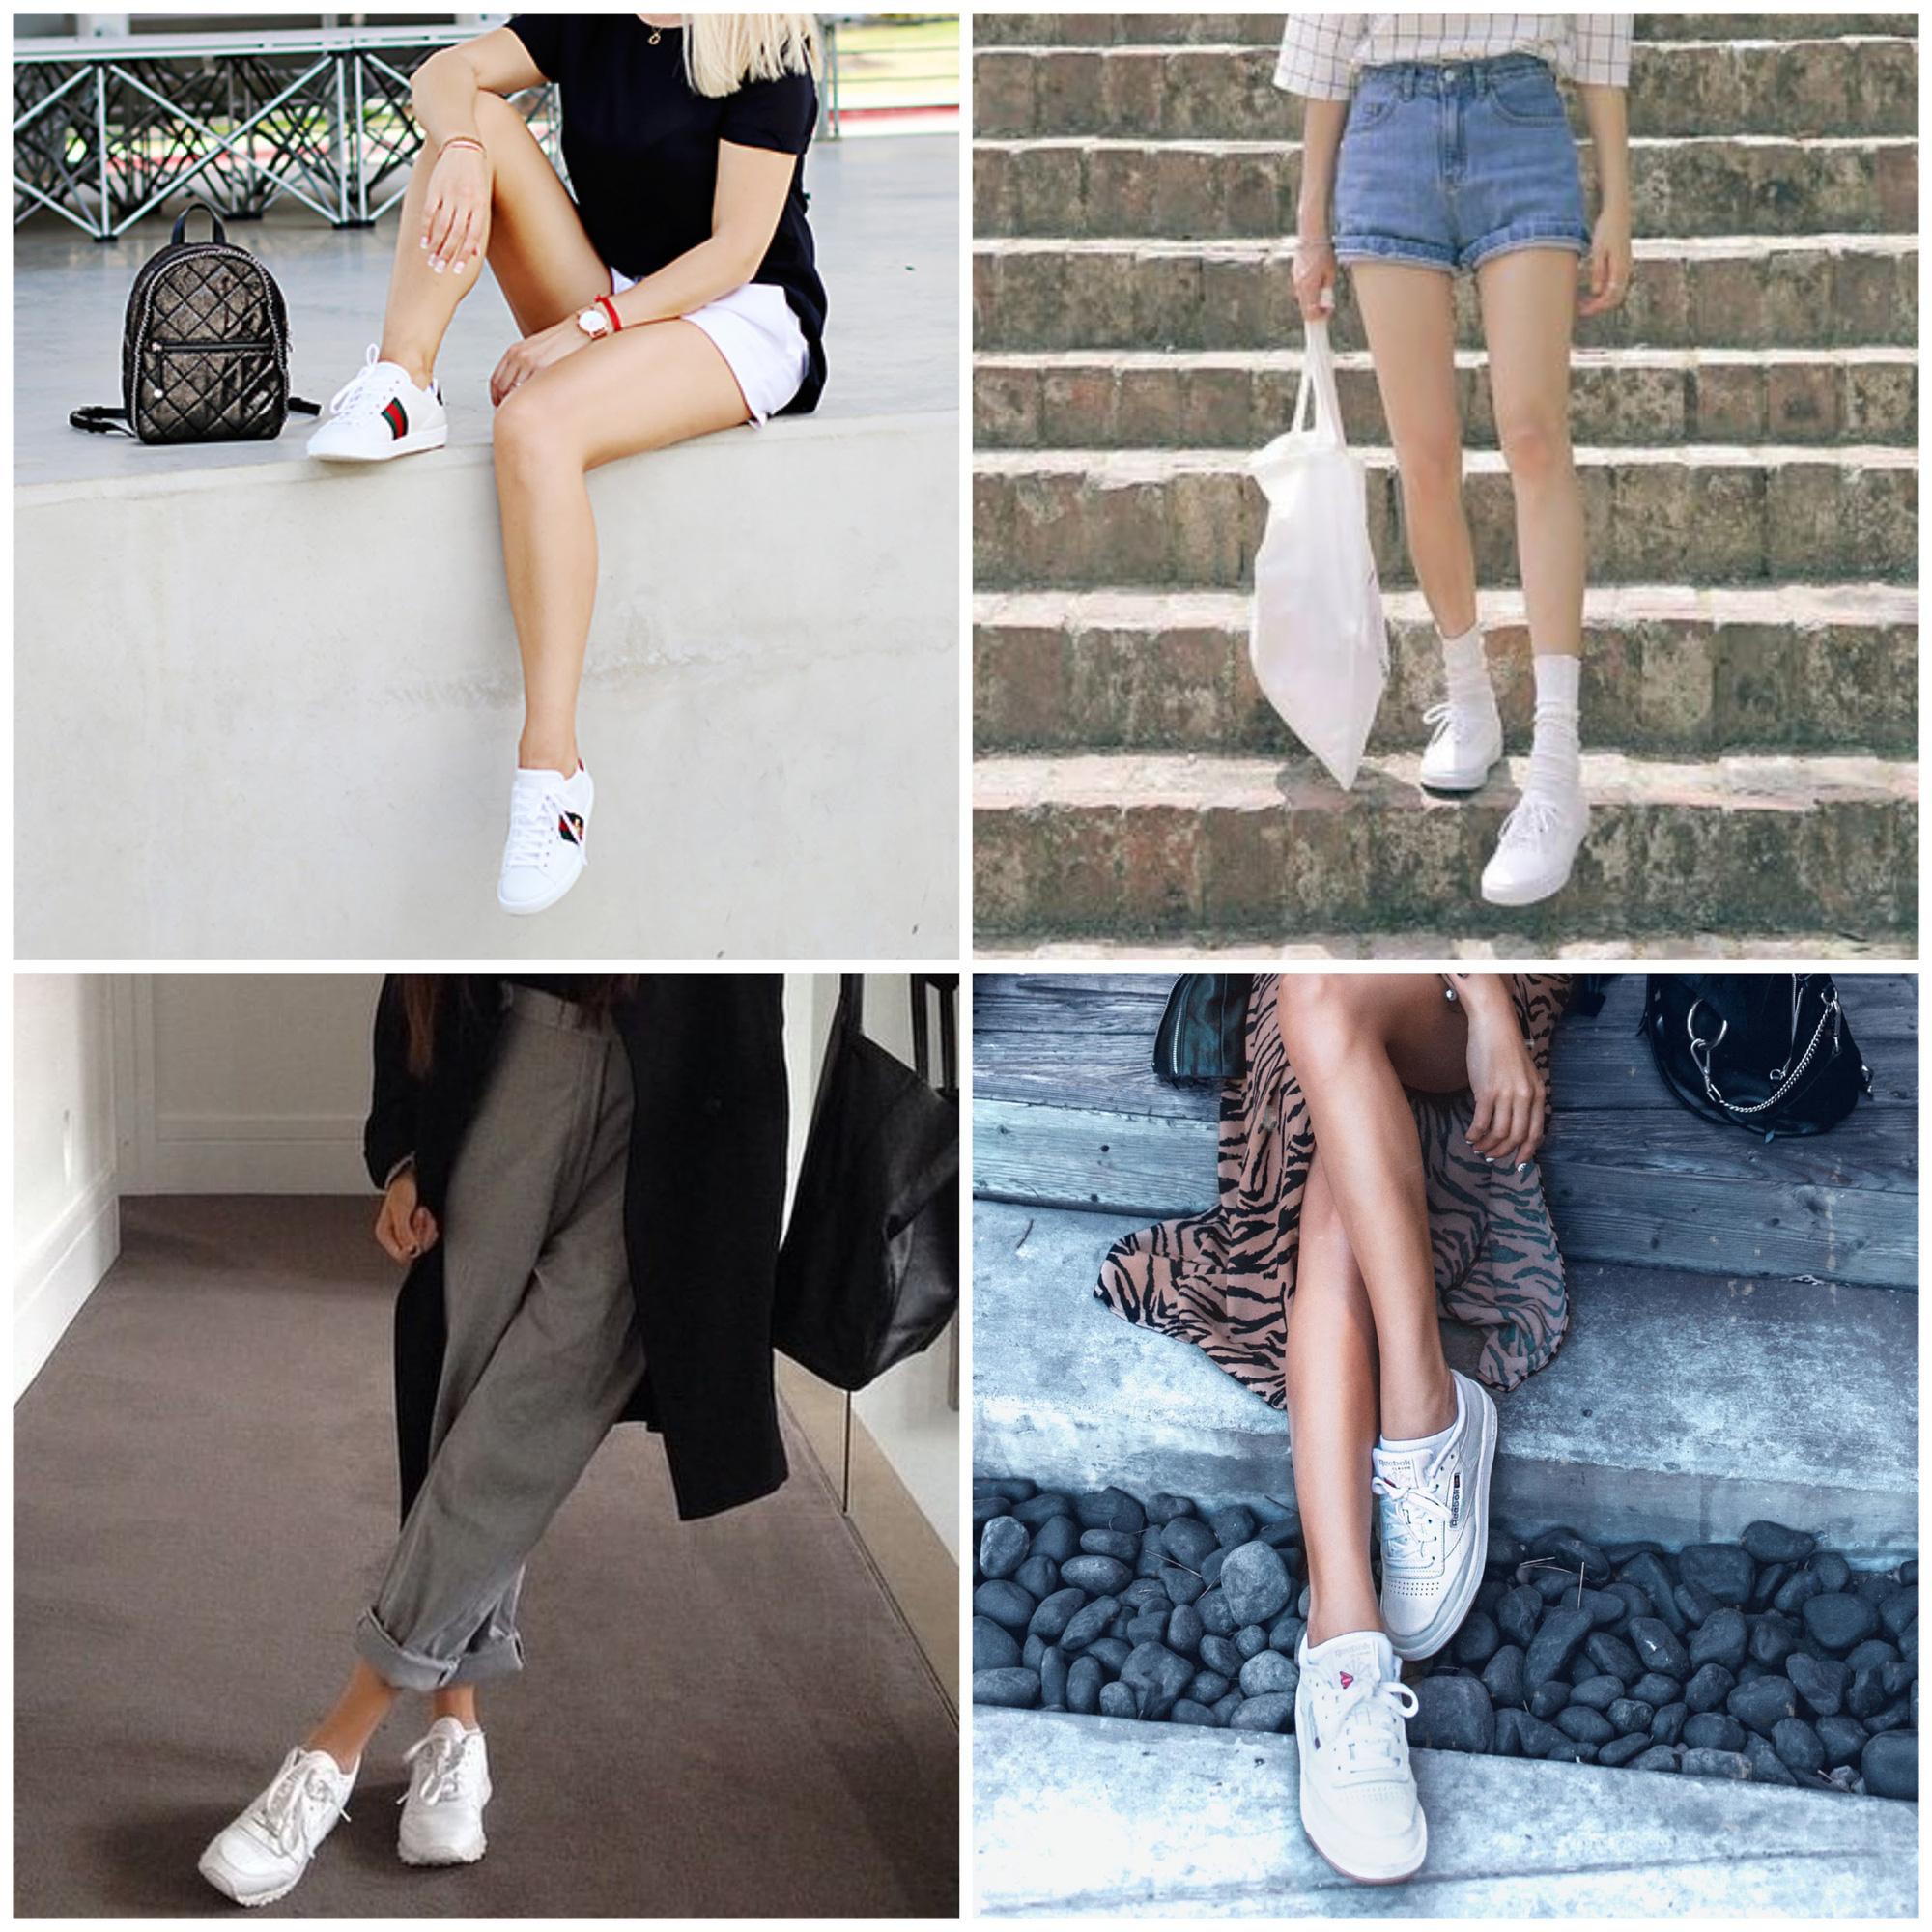 Tết này sắm ngay 5 mẫu sneakers trendy sau để mix kiểu gì cũng ổn, tiện học luôn cách thả thính cực hot bằng dây giày-3